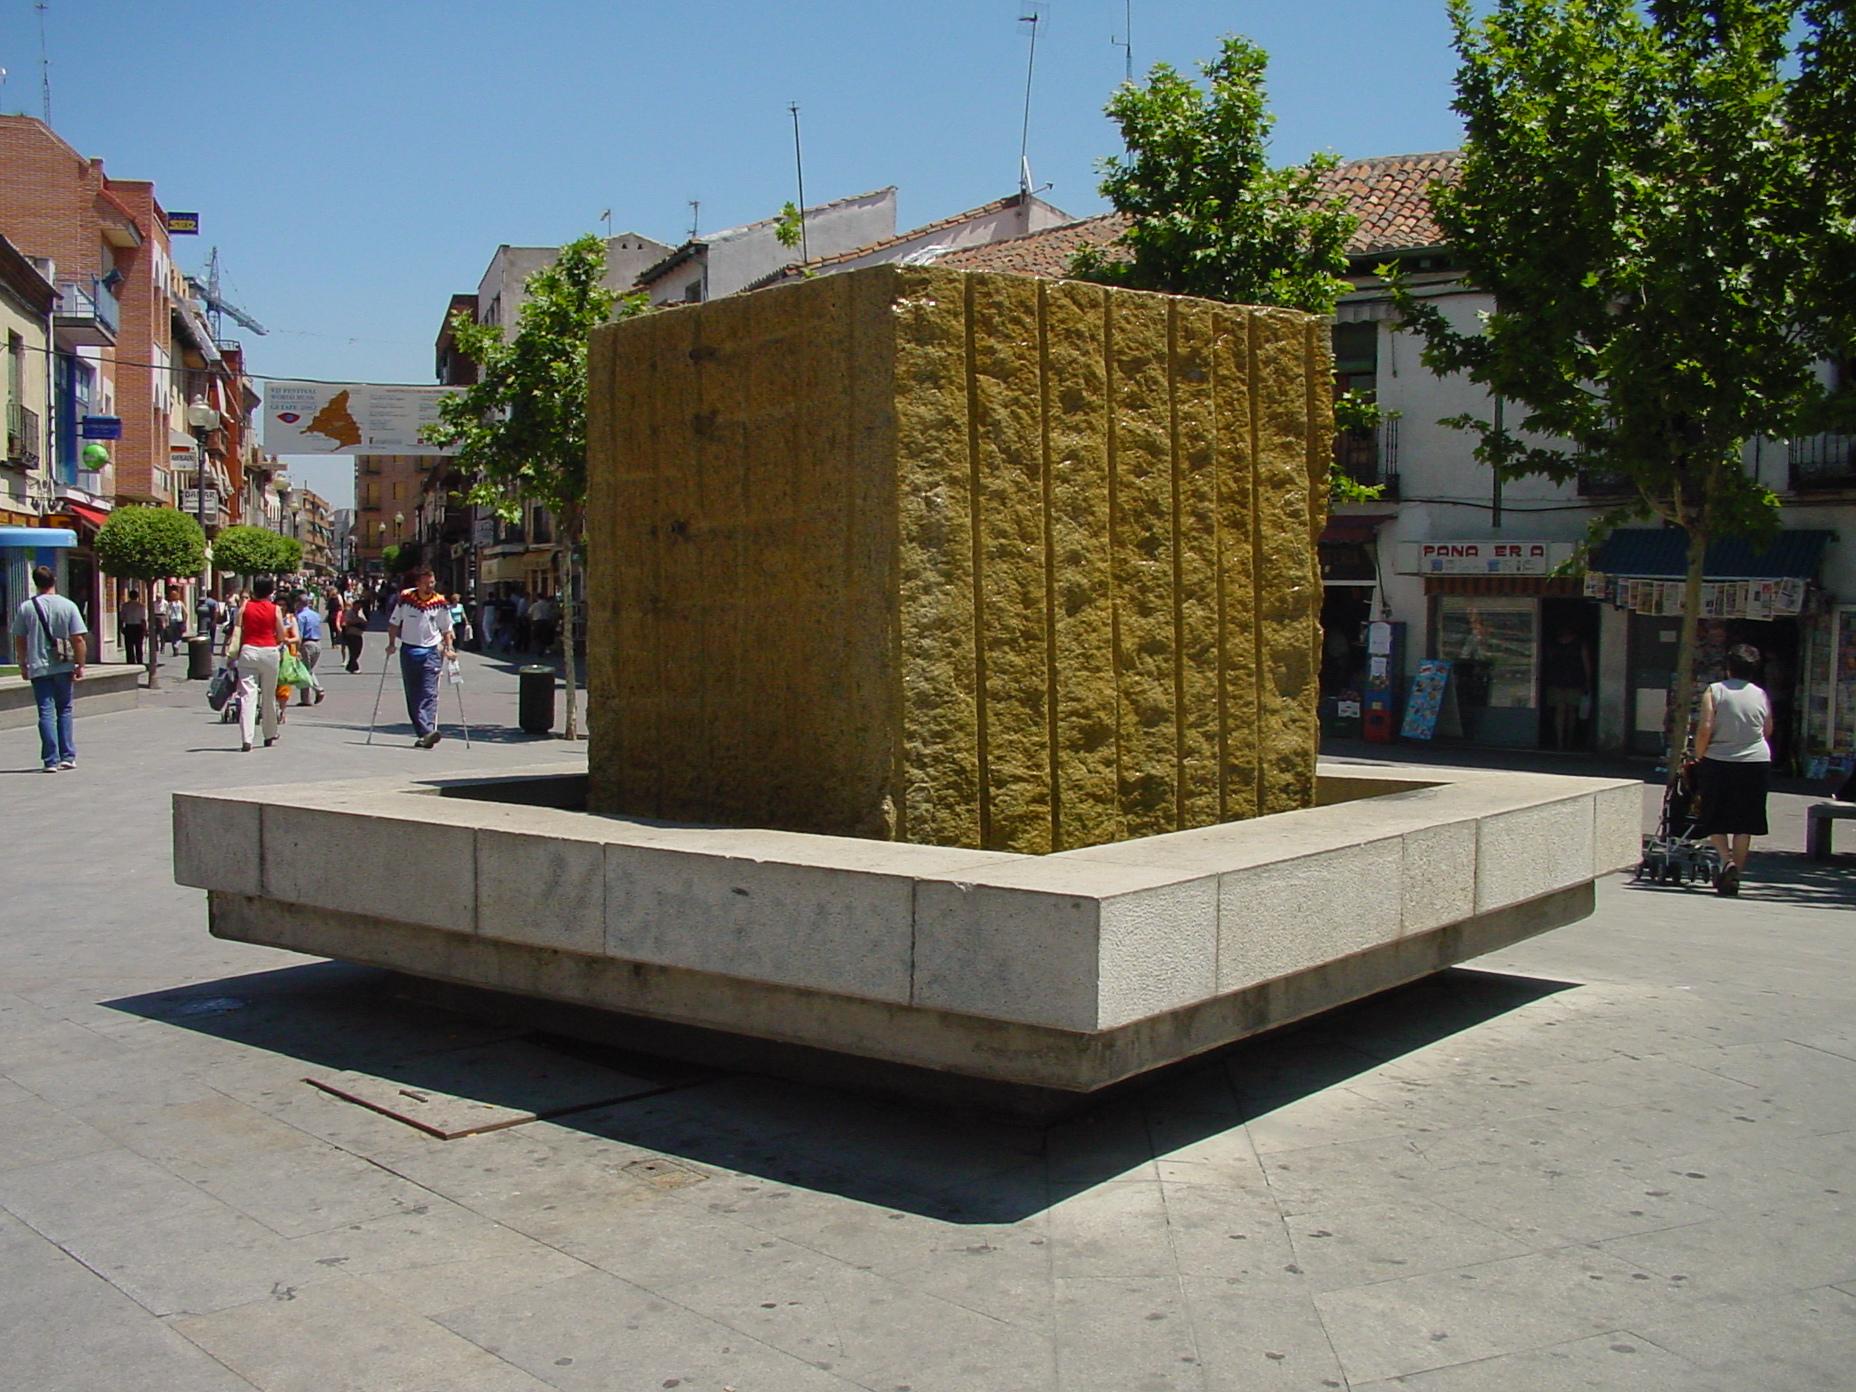 Plaza y monumento en Getafe